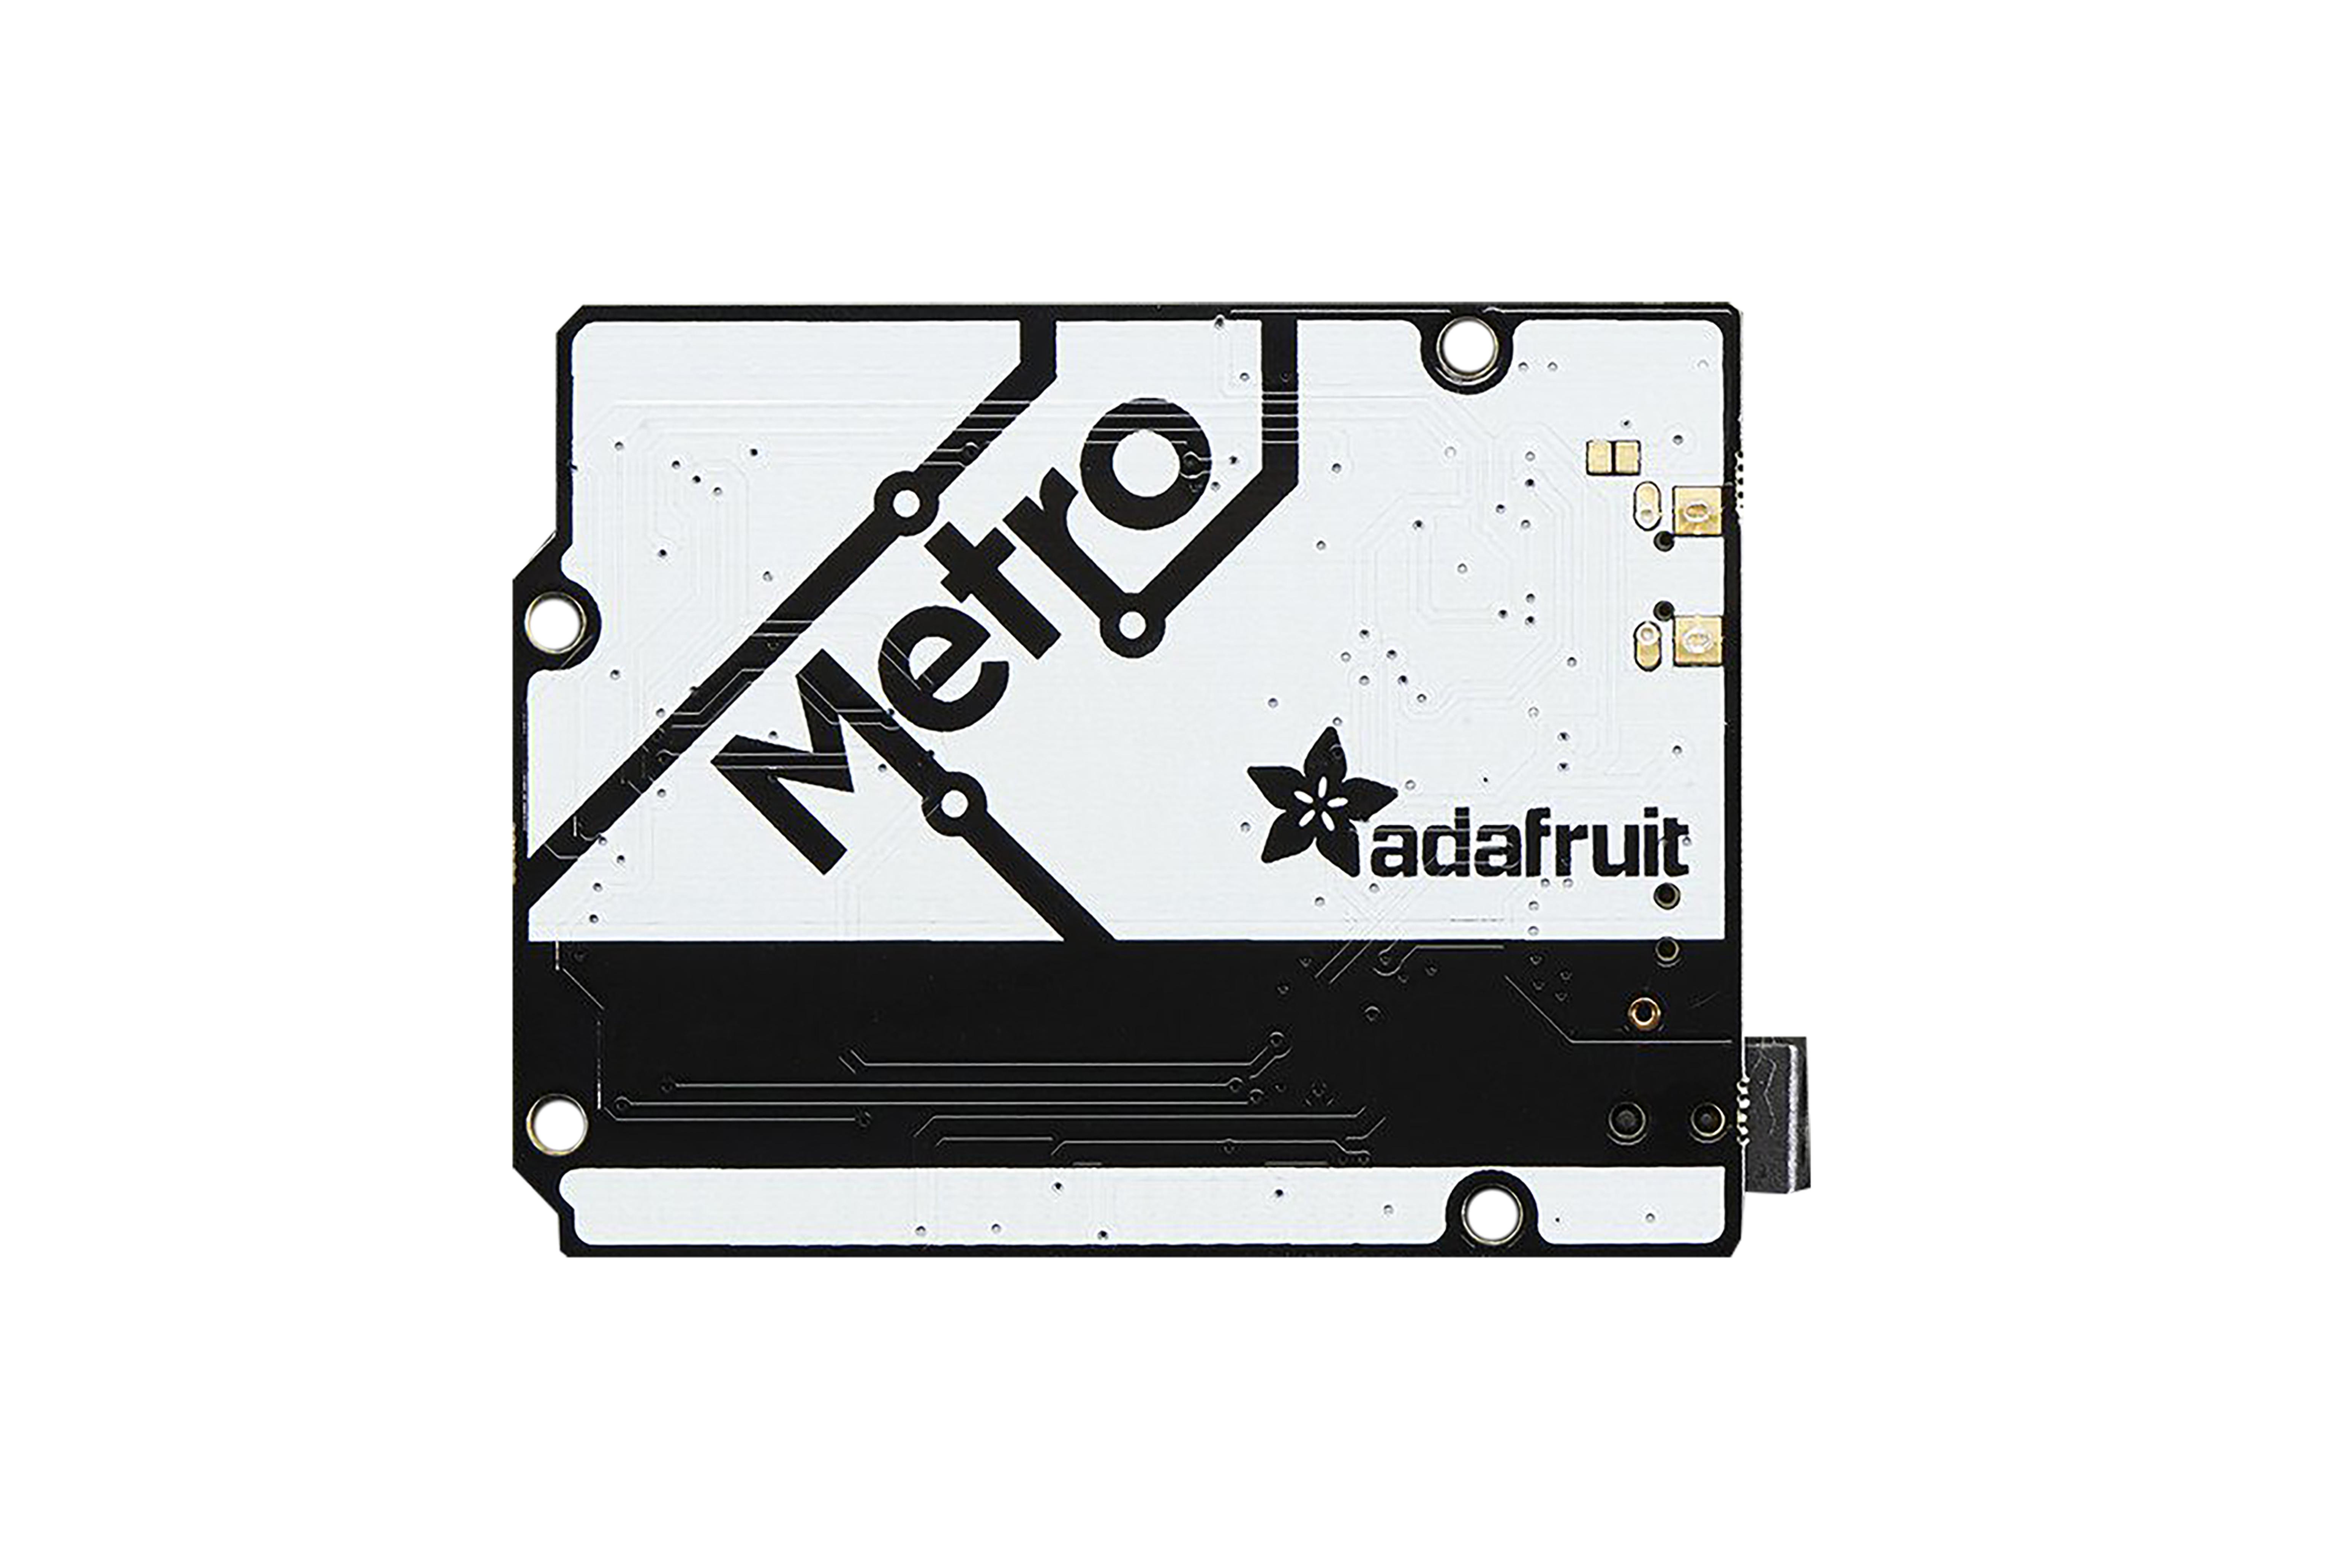 Adafruit(アダフルーツ)メトロ ATMEGA328 DEV BRD、2488